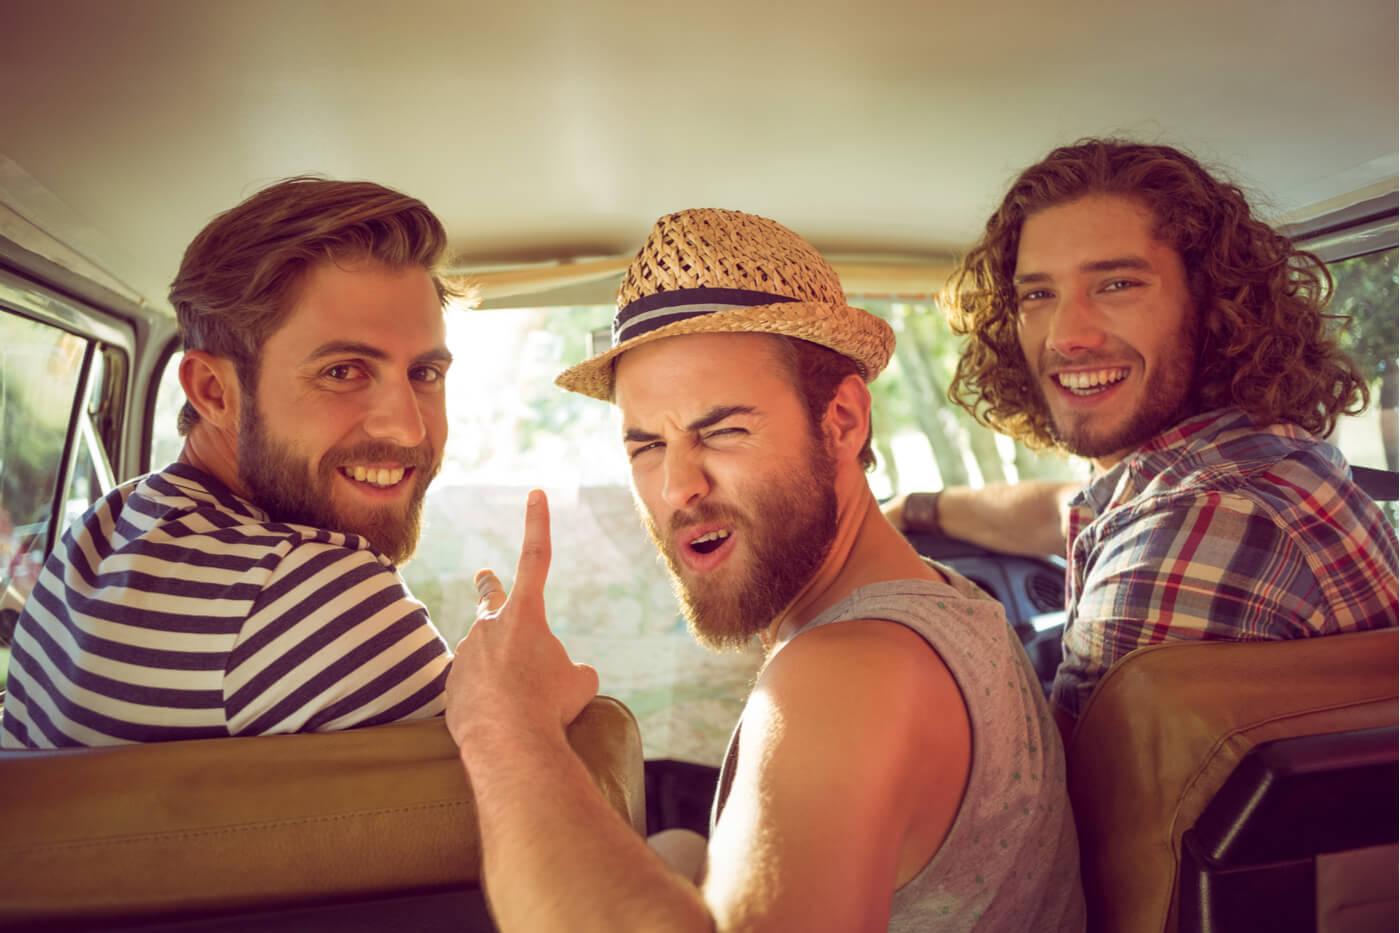 Amigos viaje verano